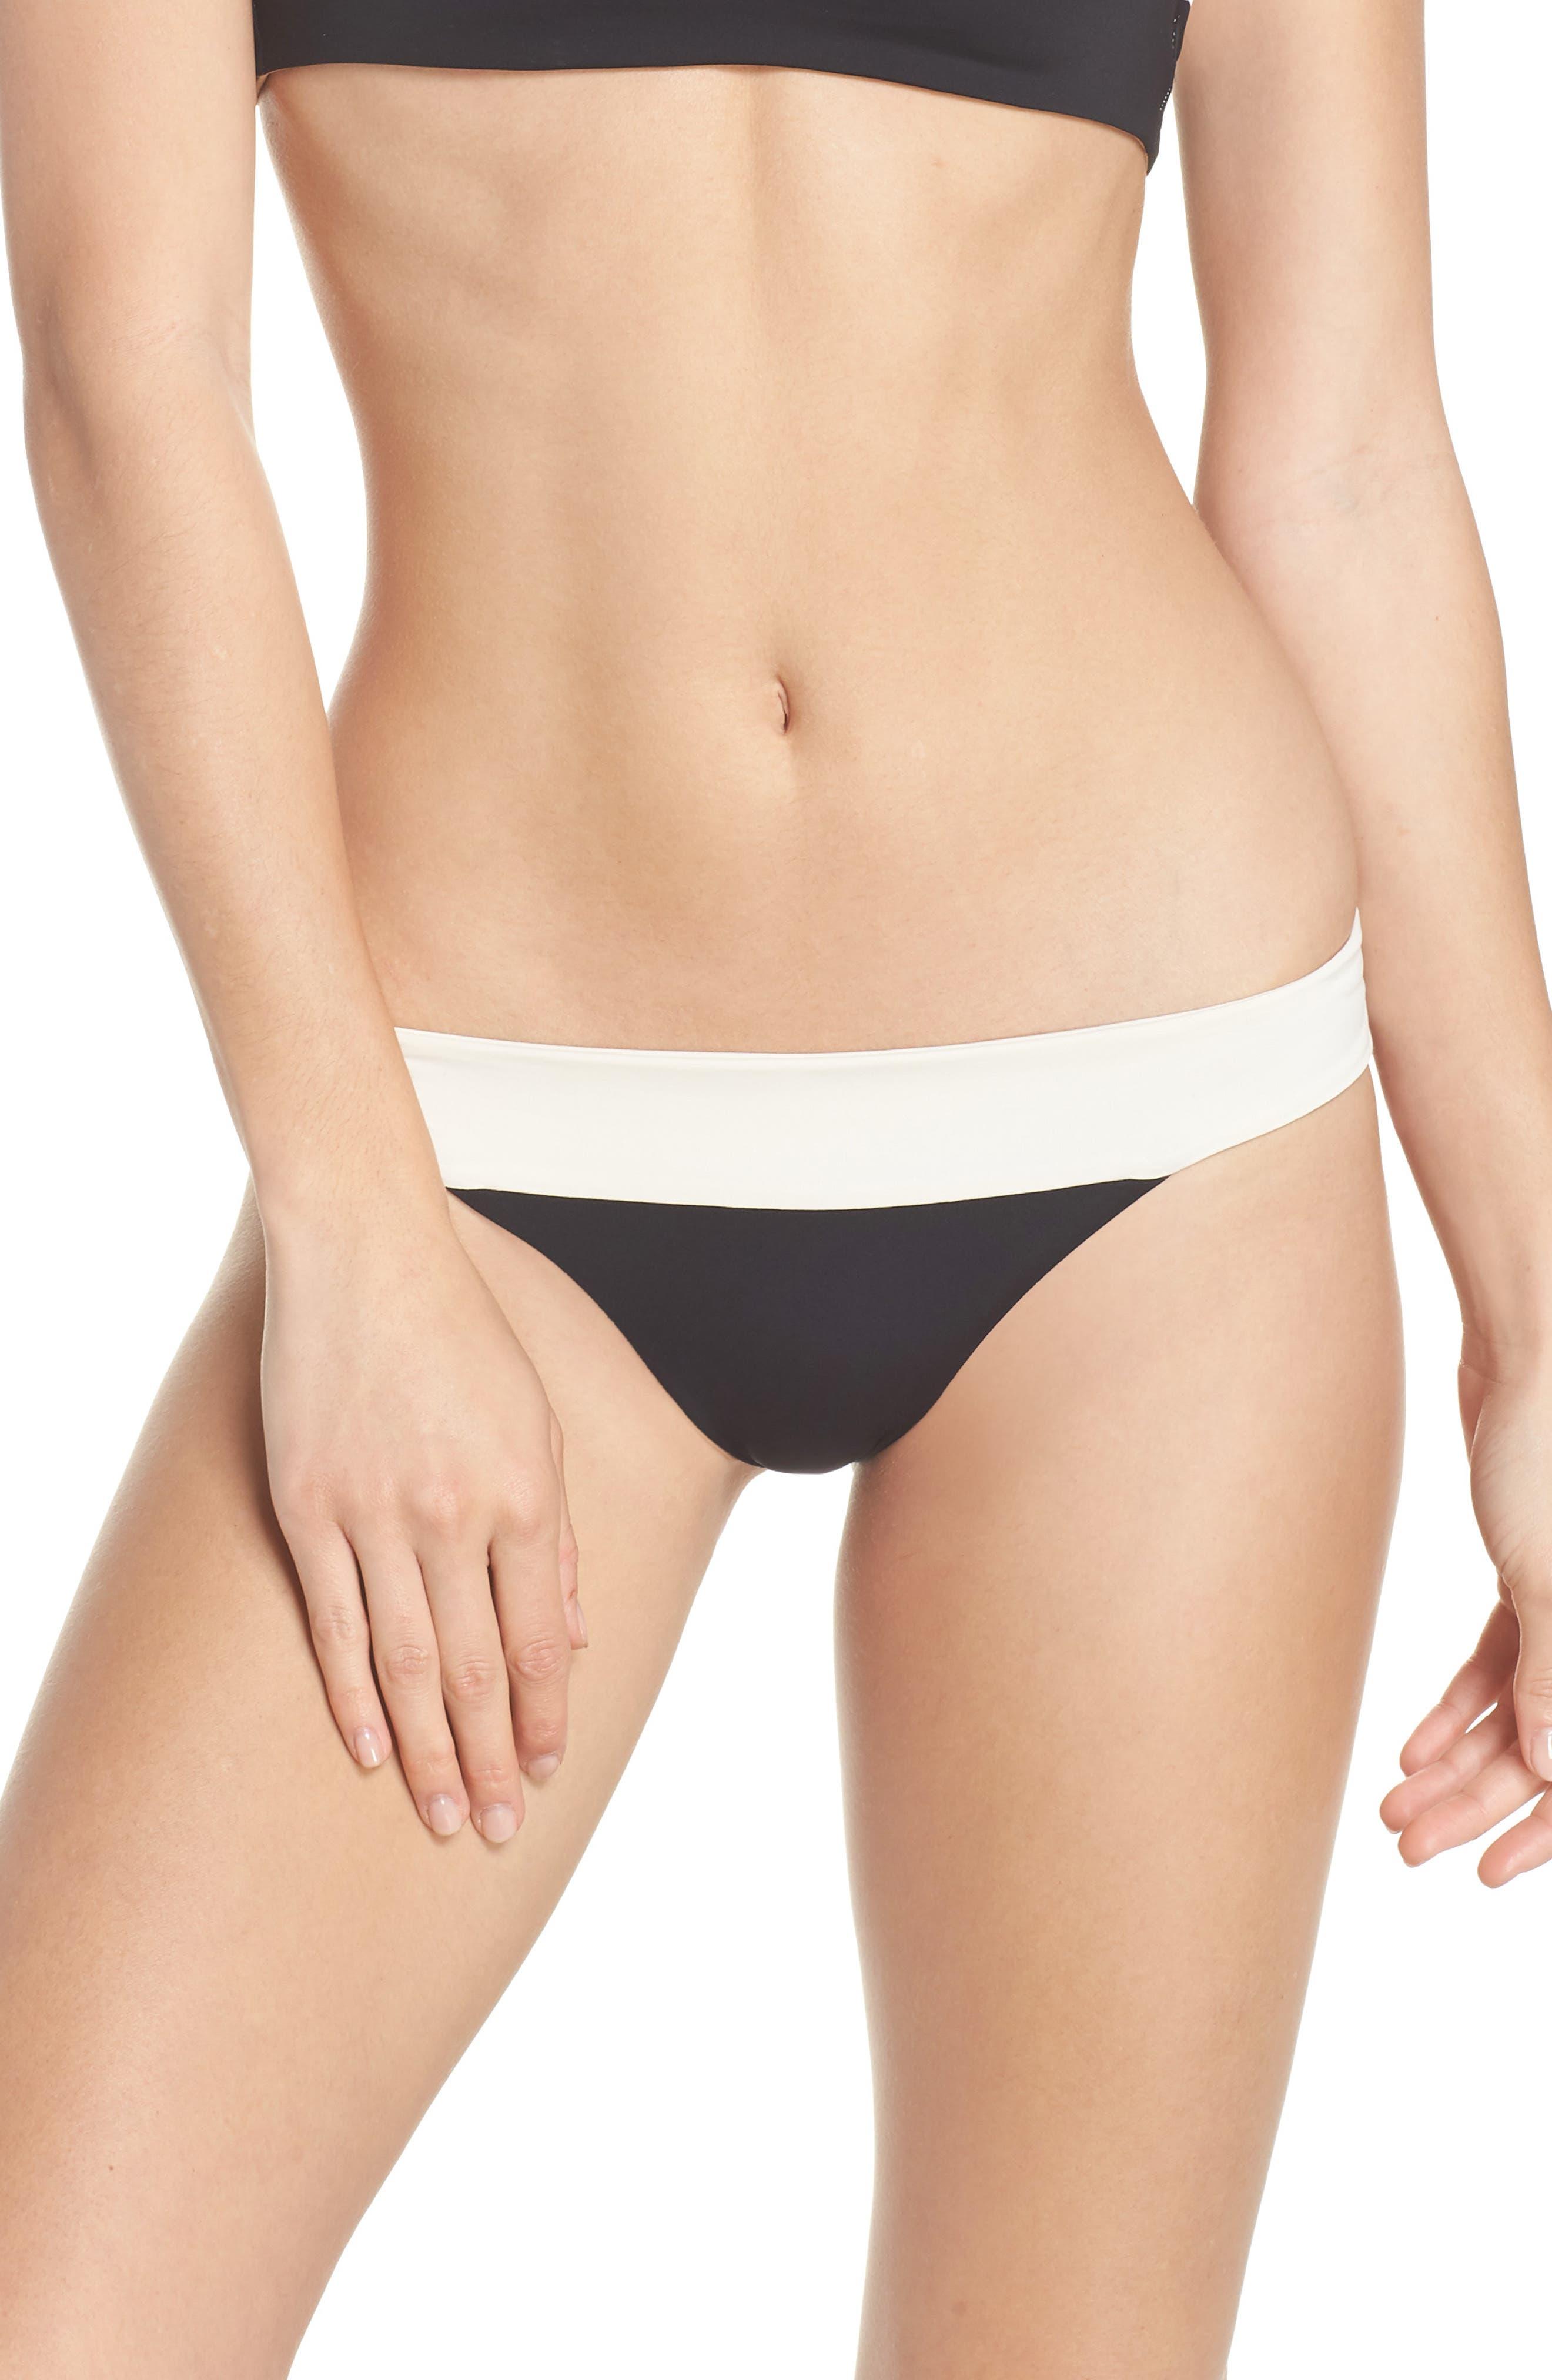 Reversible Bikini Bottom,                             Main thumbnail 1, color,                             CREAM/ BLACK/ CAMEL